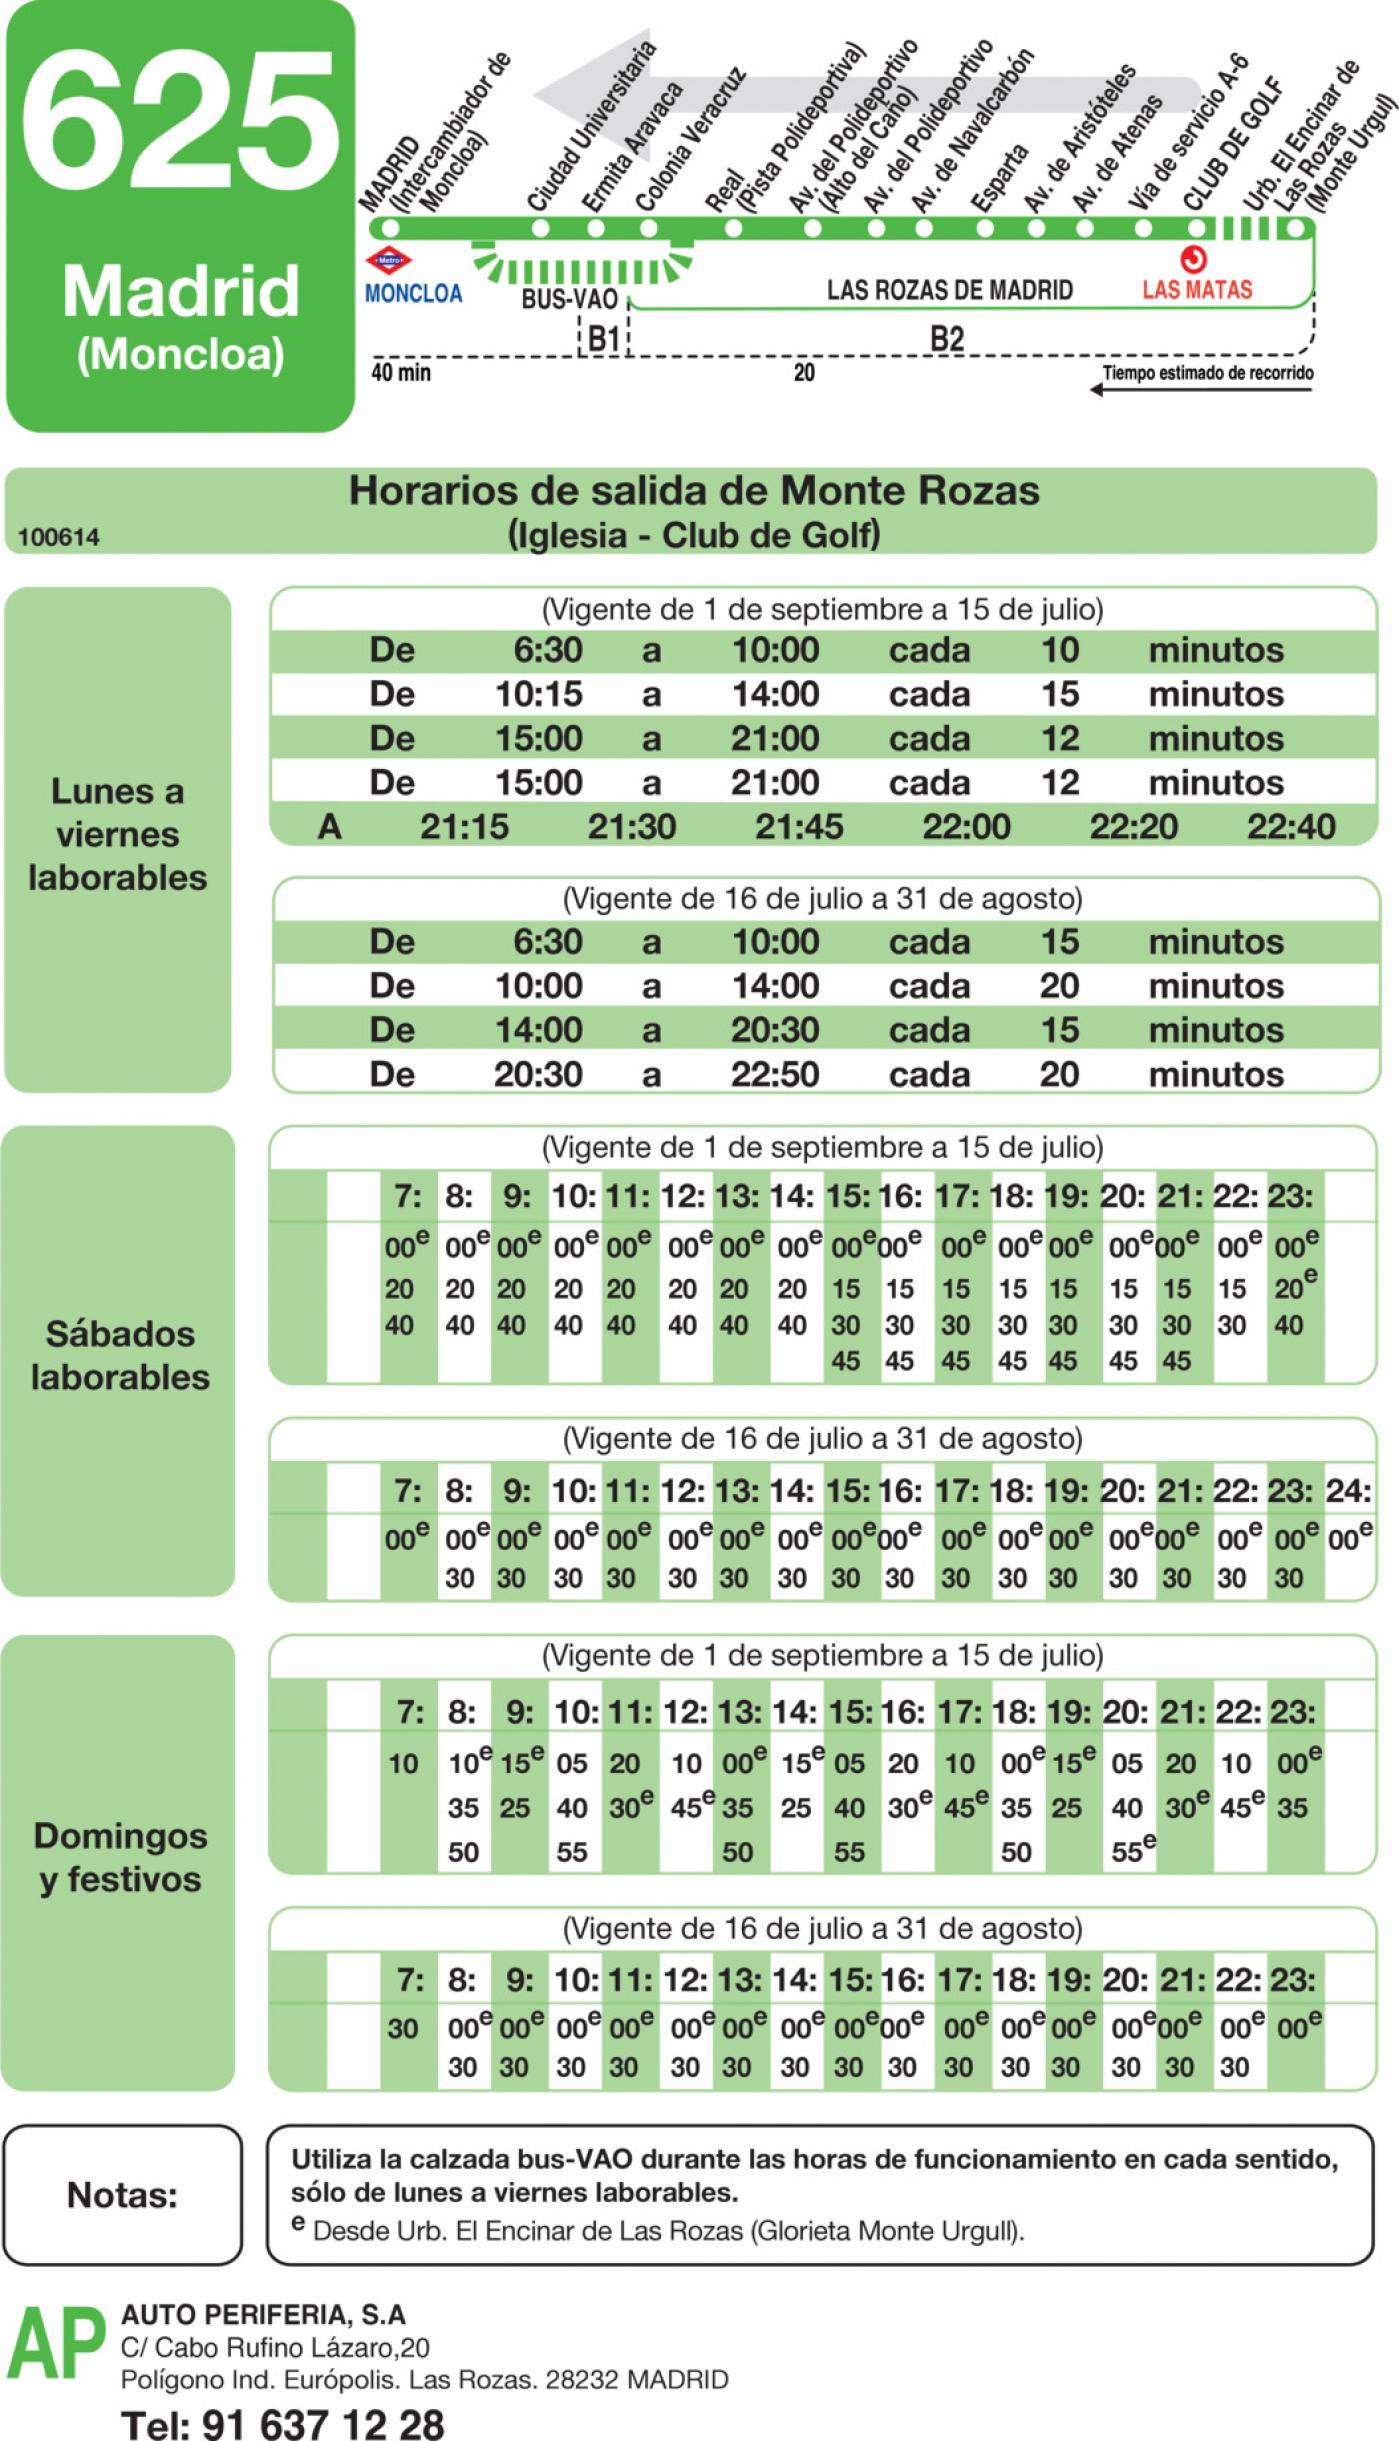 Tabla de horarios y frecuencias de paso en sentido vuelta Línea 625: Madrid (Moncloa) - Monte Rozas